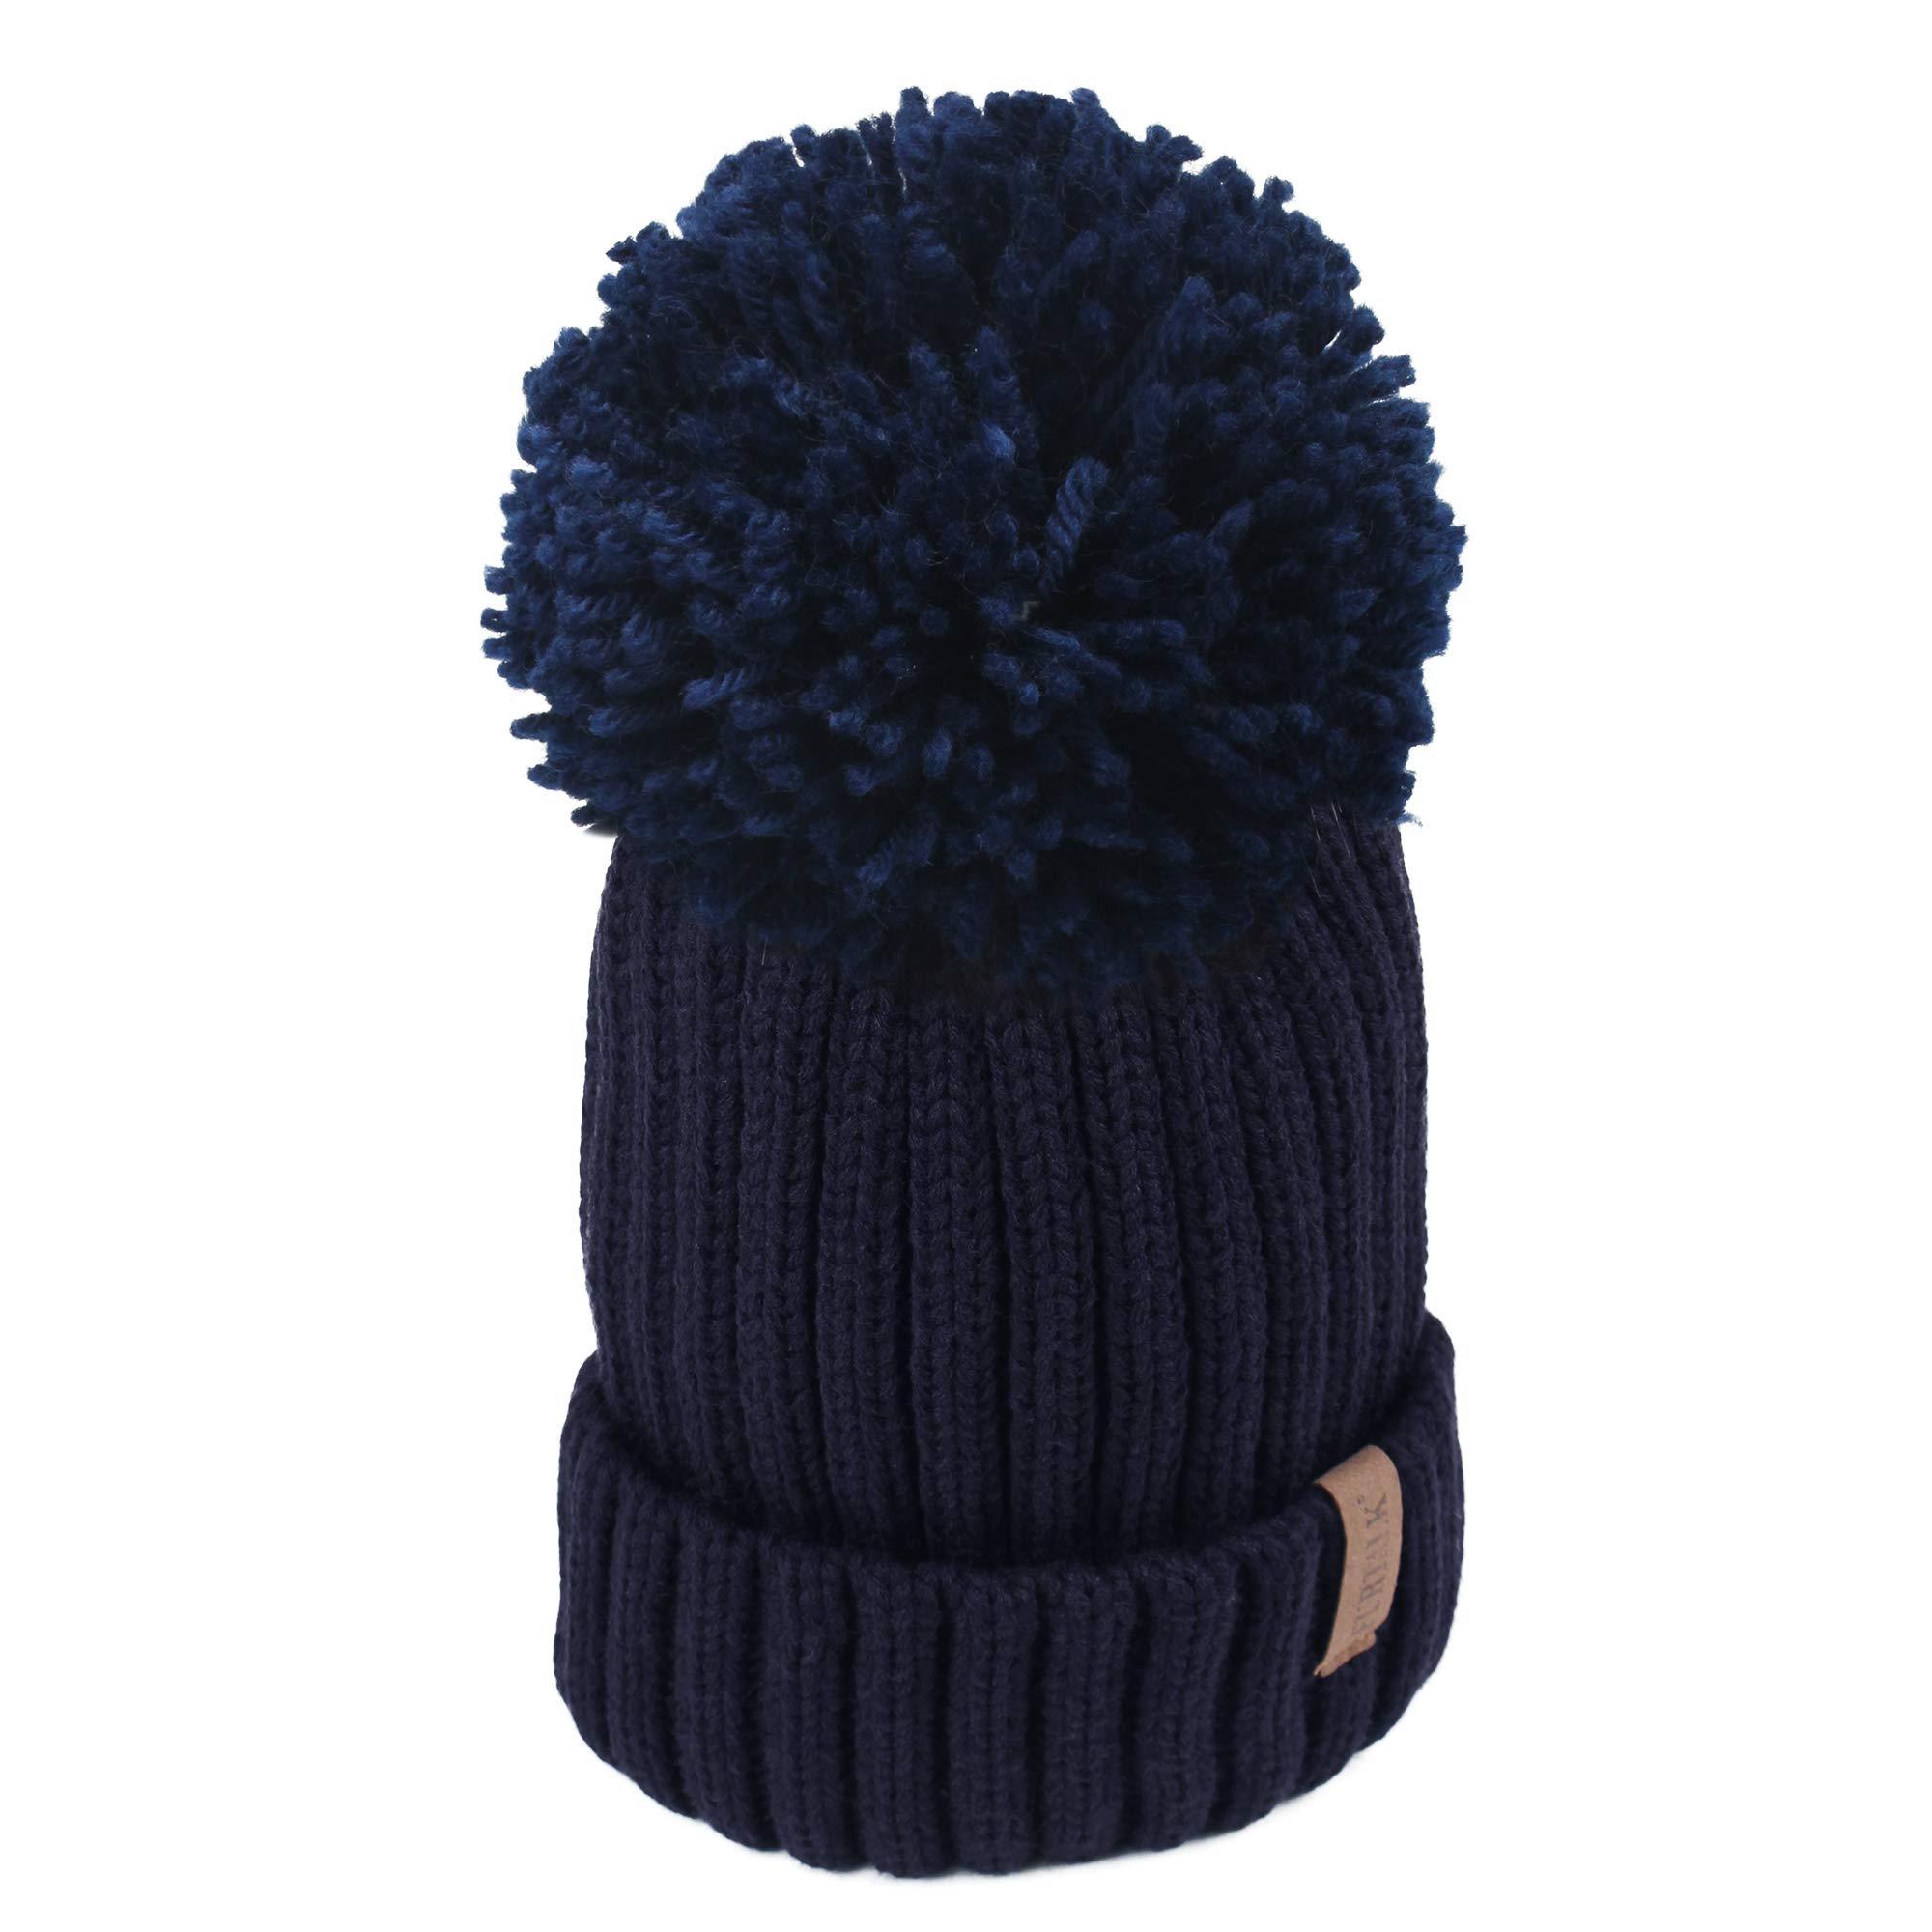 FURTALK Winter Knit Hat Real Raccoon Fur Pom Pom Womens Girls Knit Beanie Hat (Grey with Grey Knit pom)